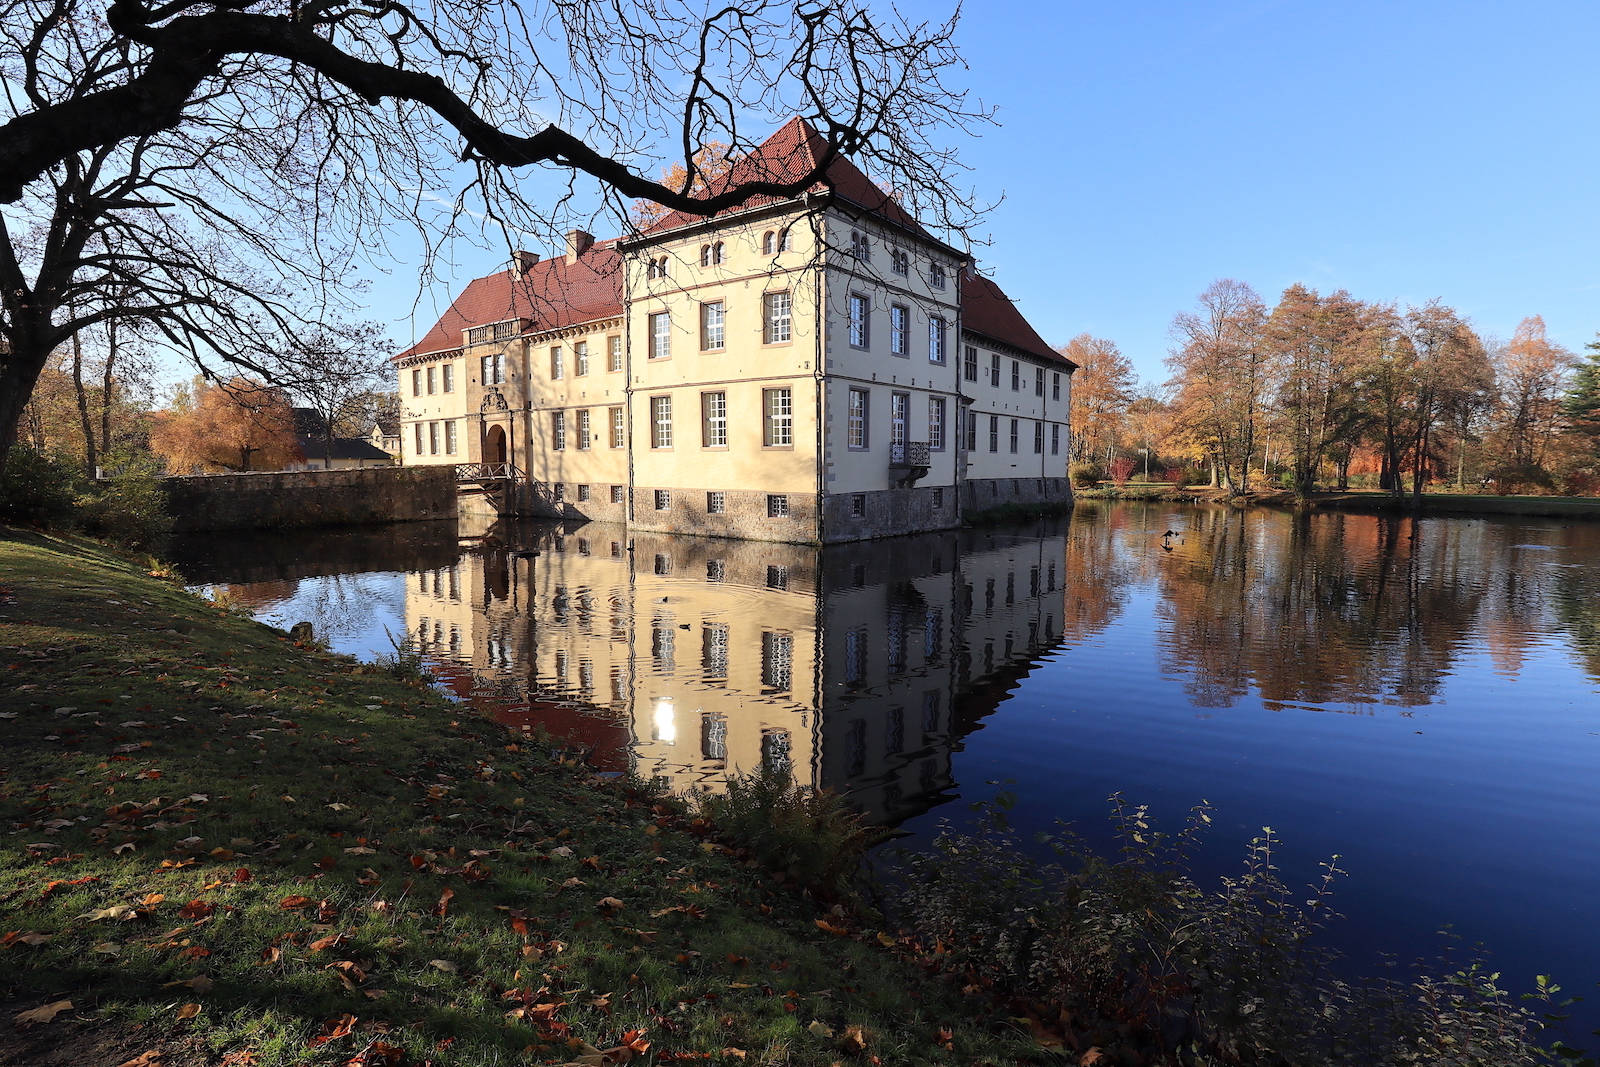 Emschertal-Museum Herne, Städtische Galerie. Ein von Wasser durchzogener, idyllischer Park mit Schloss, Kapelle und der Villa der Städtischen Galerie.